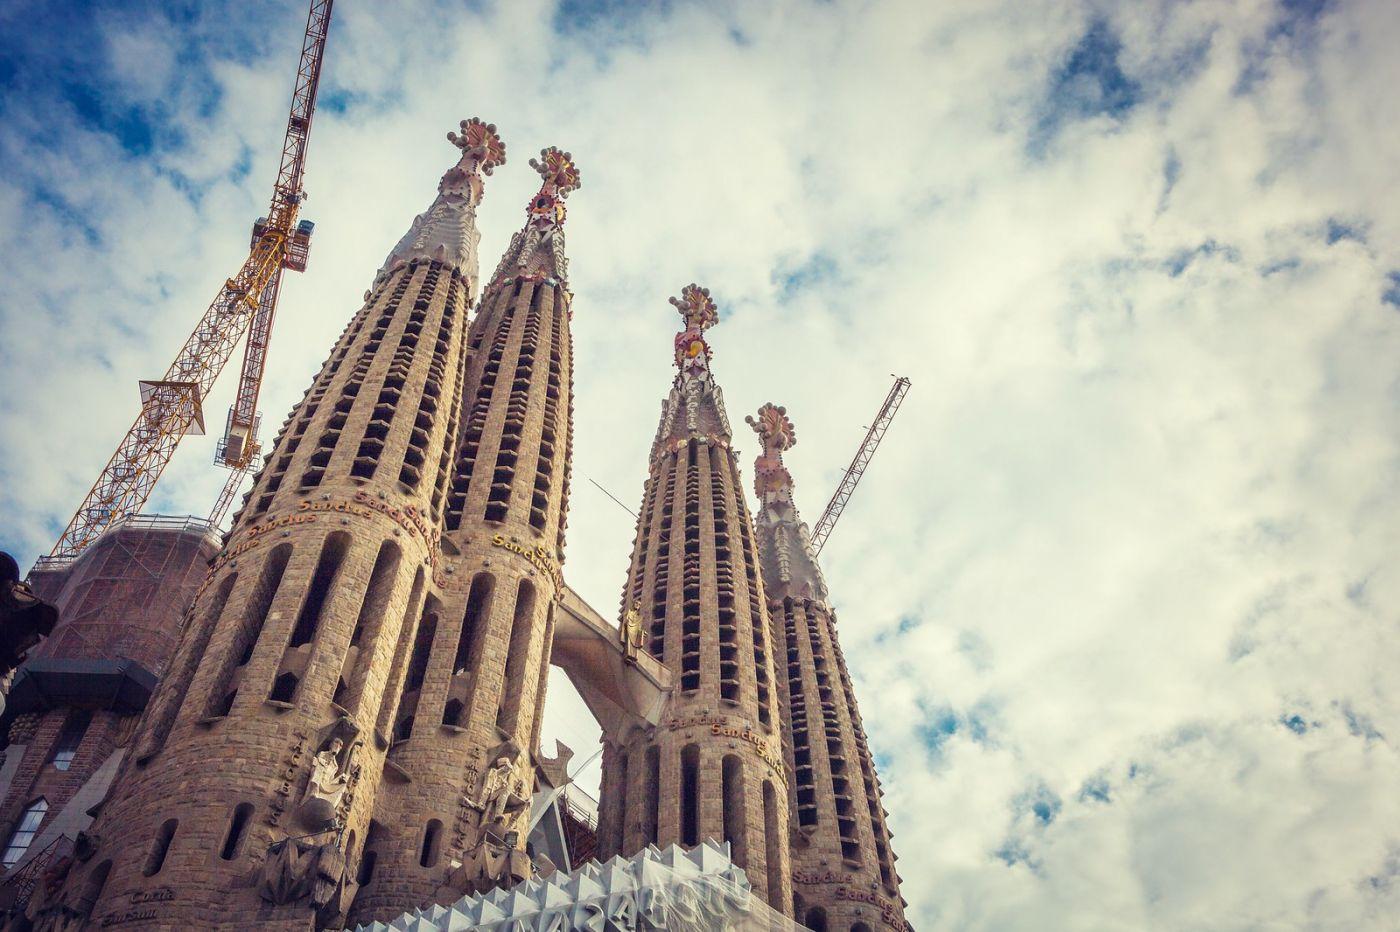 西班牙圣家堂(Sagrada Família), 上帝建筑师-高第的作品_图1-7